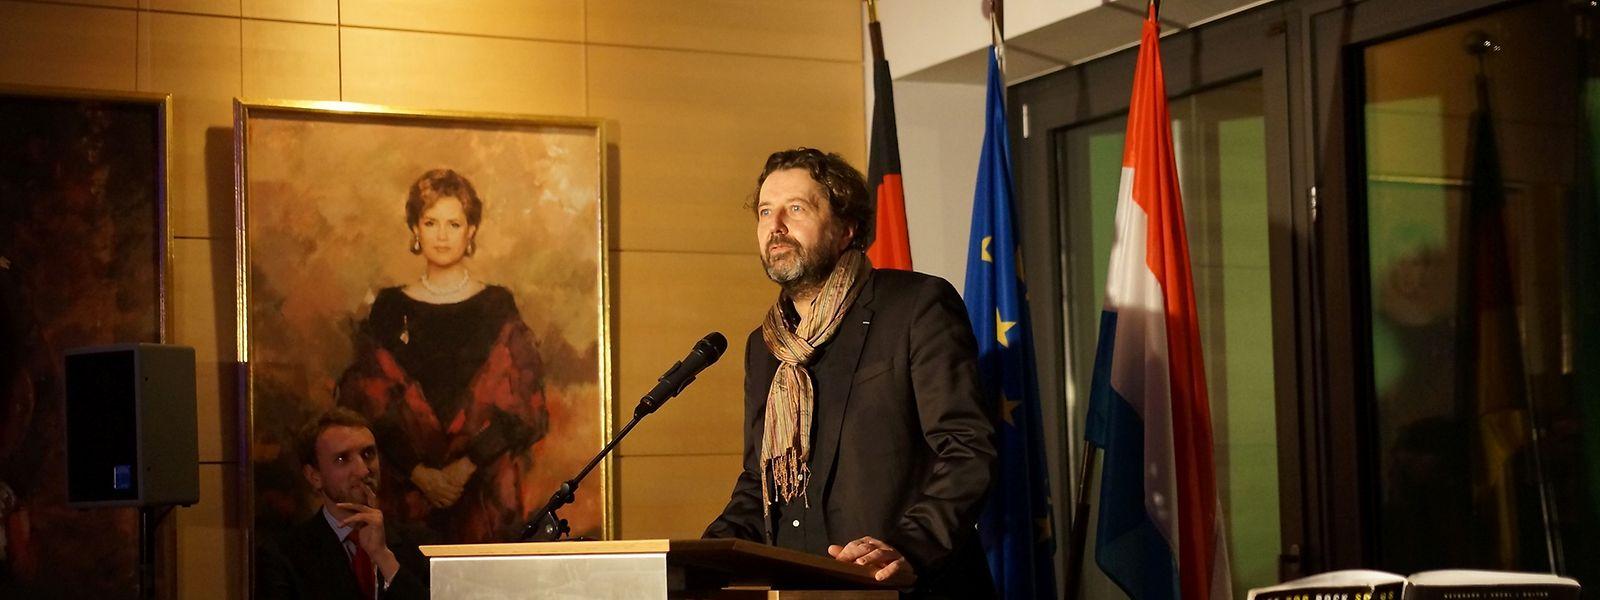 Filmfund-Direktor Guy Daleiden stellte unter anderem im vergangenen Februar die Filmszene in der Berliner Botschaft vor.